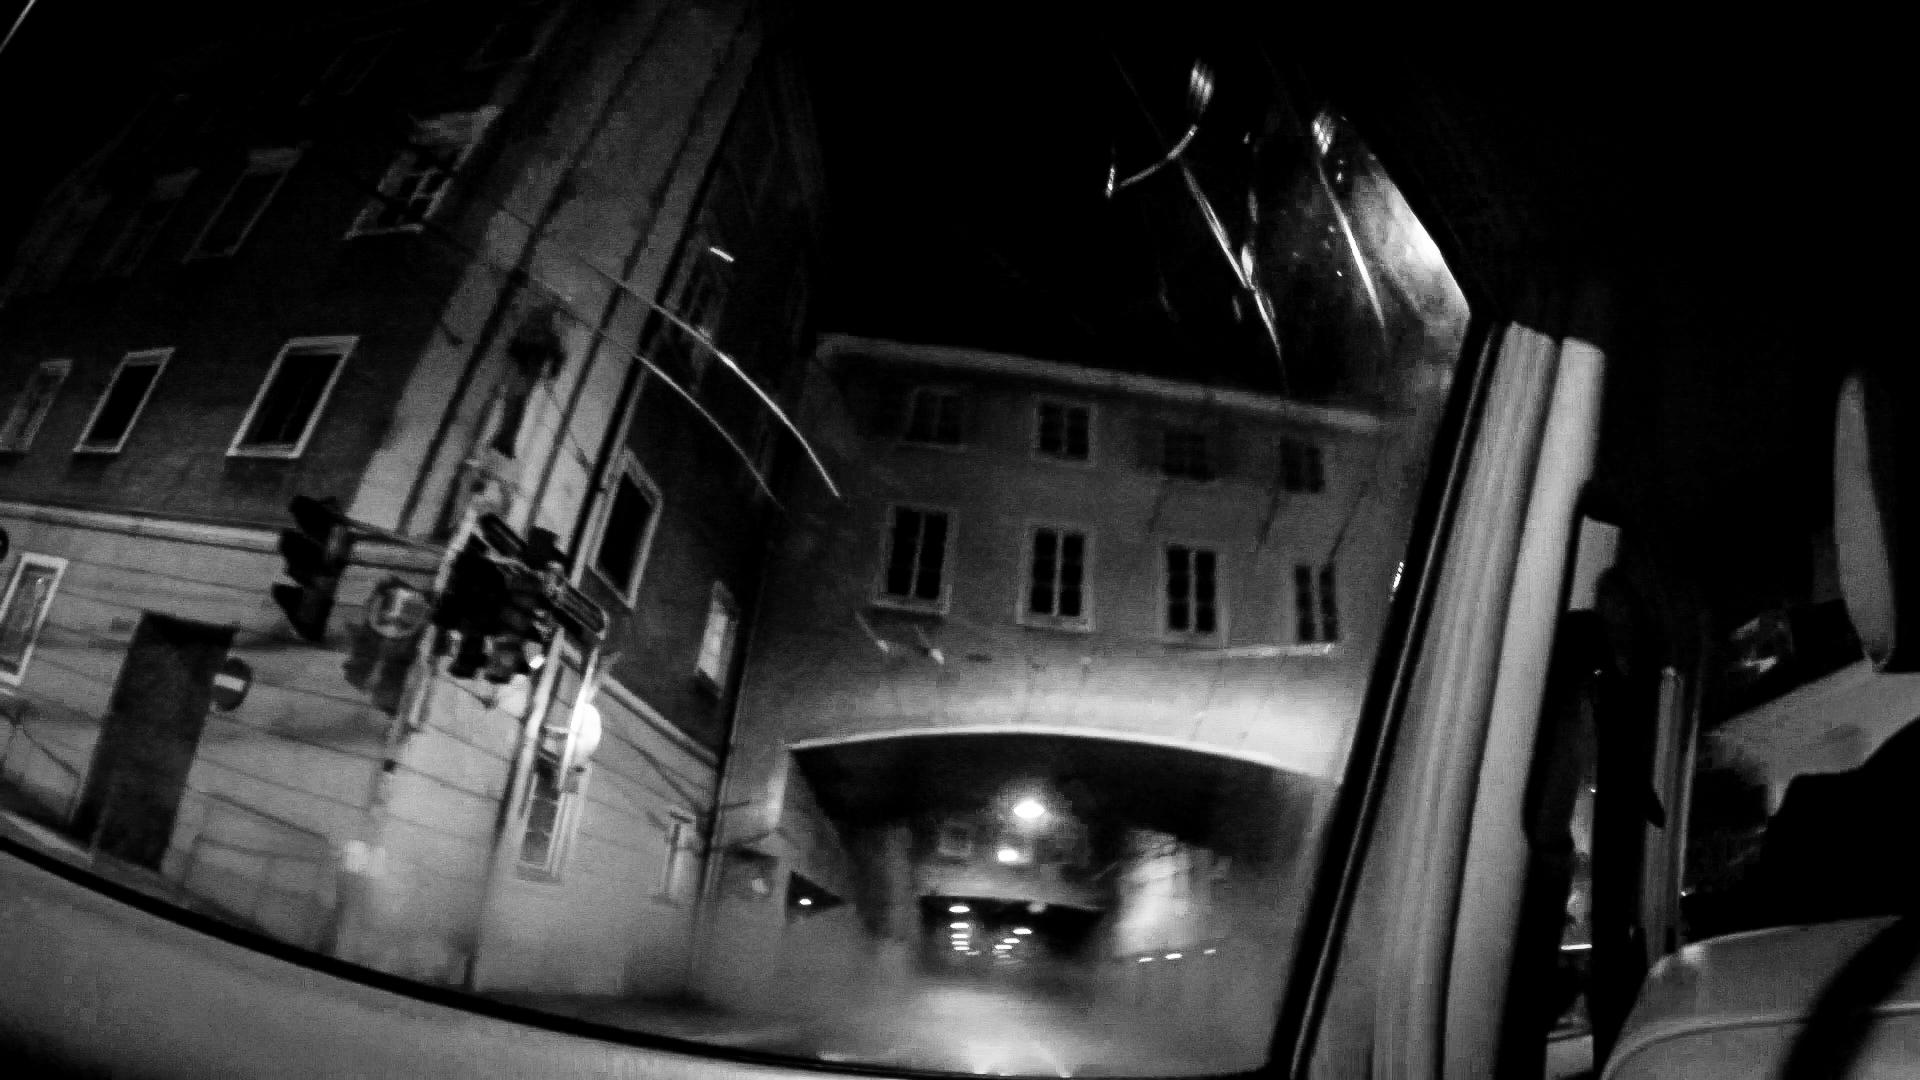 Early morning taxi ride through Salzburg